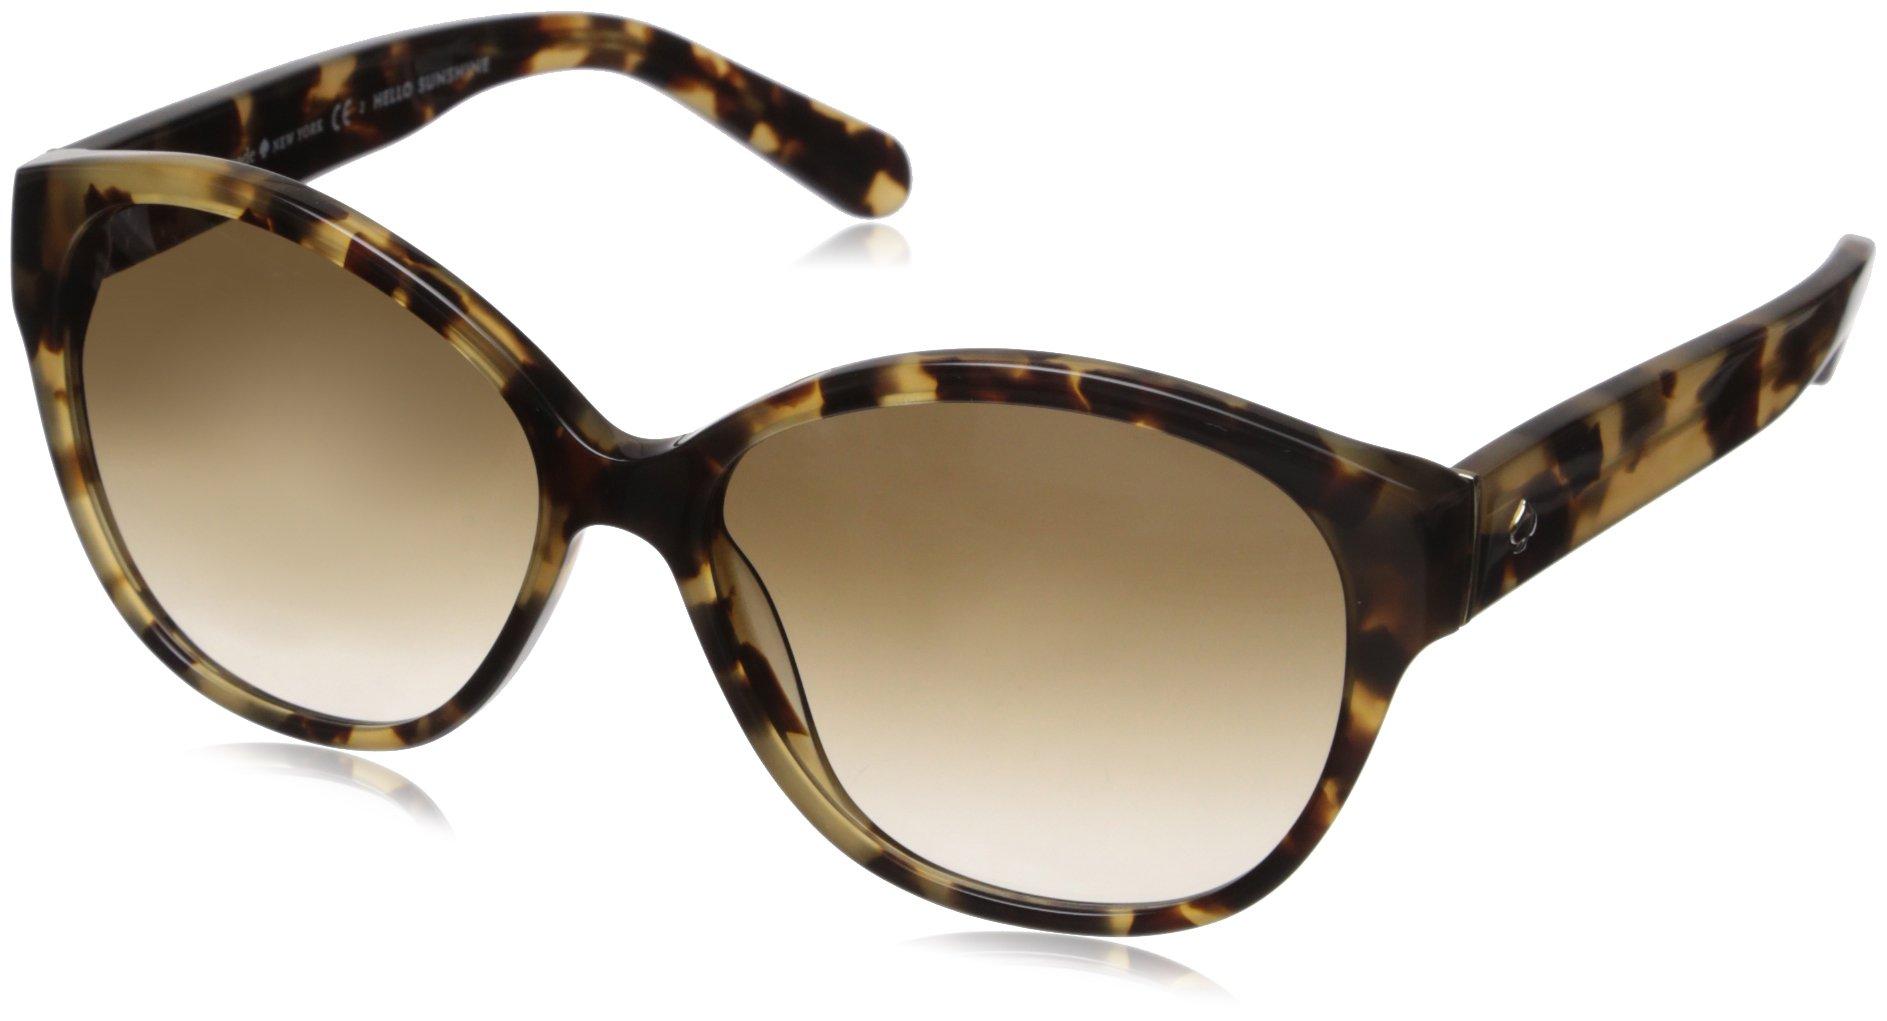 Kate Spade Women's Kiersten 2s Oval Sunglasses, Camel Tortoise, 56 mm by Kate Spade New York